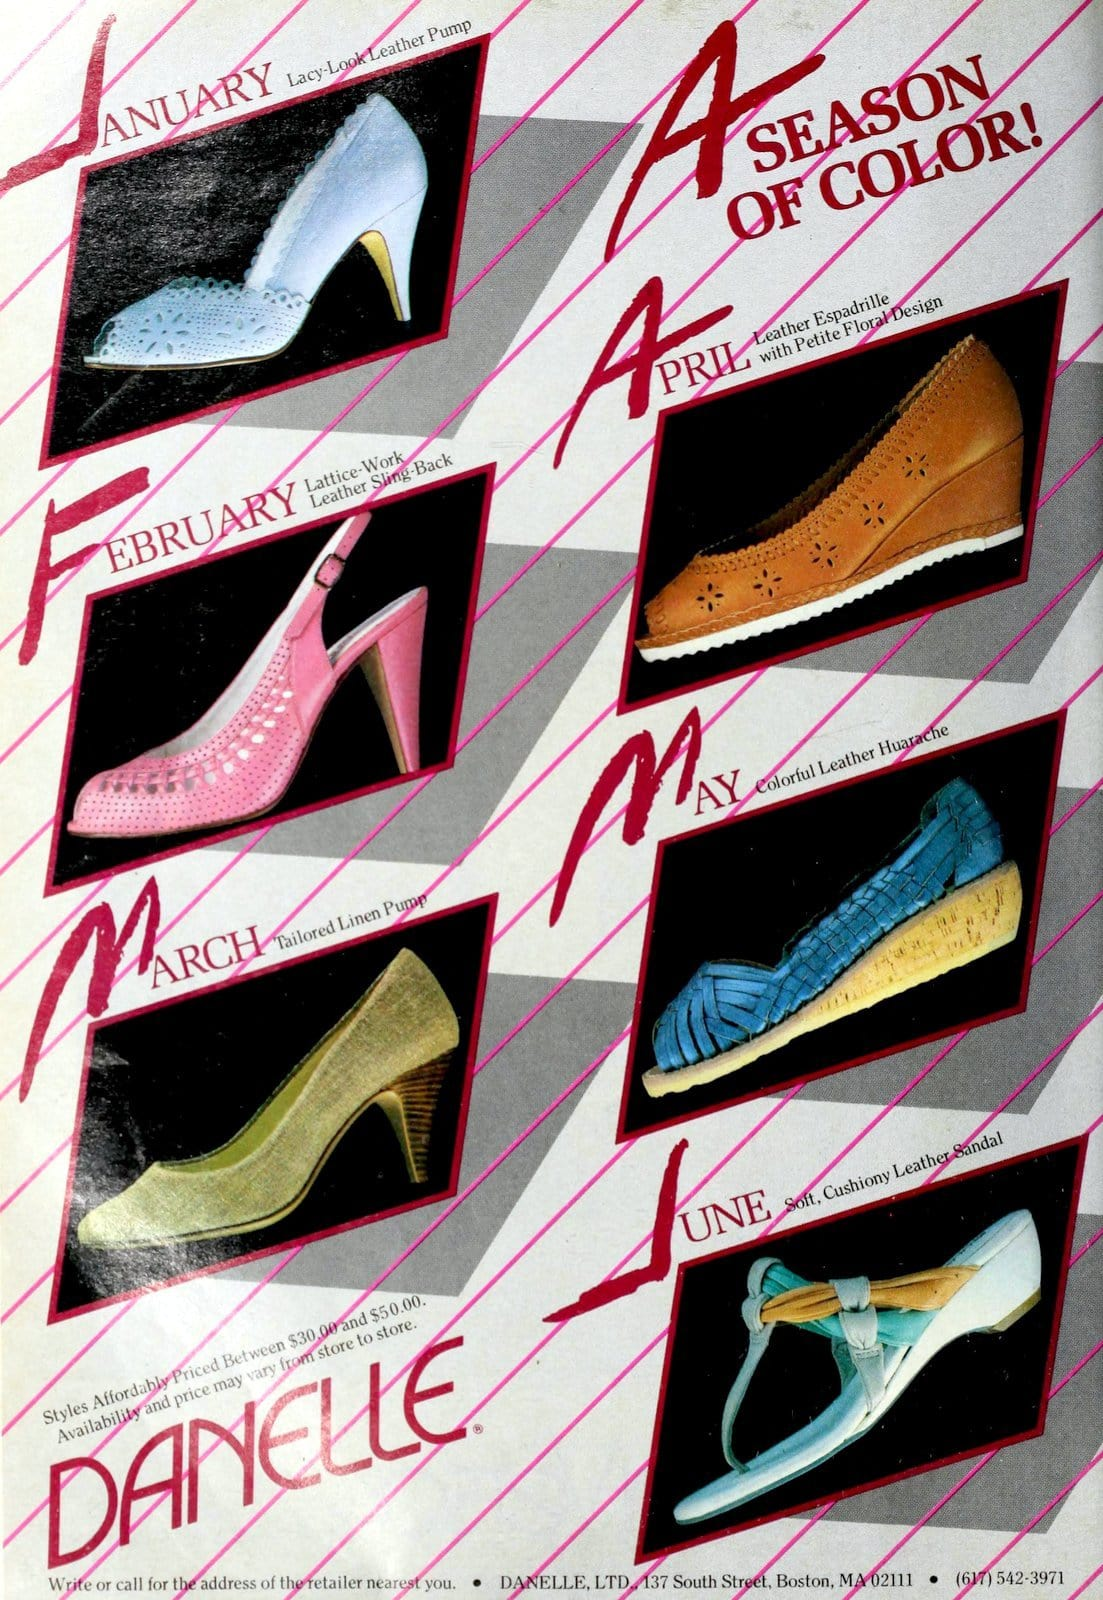 Vintage 80s women's shoes by Danelle (1984)